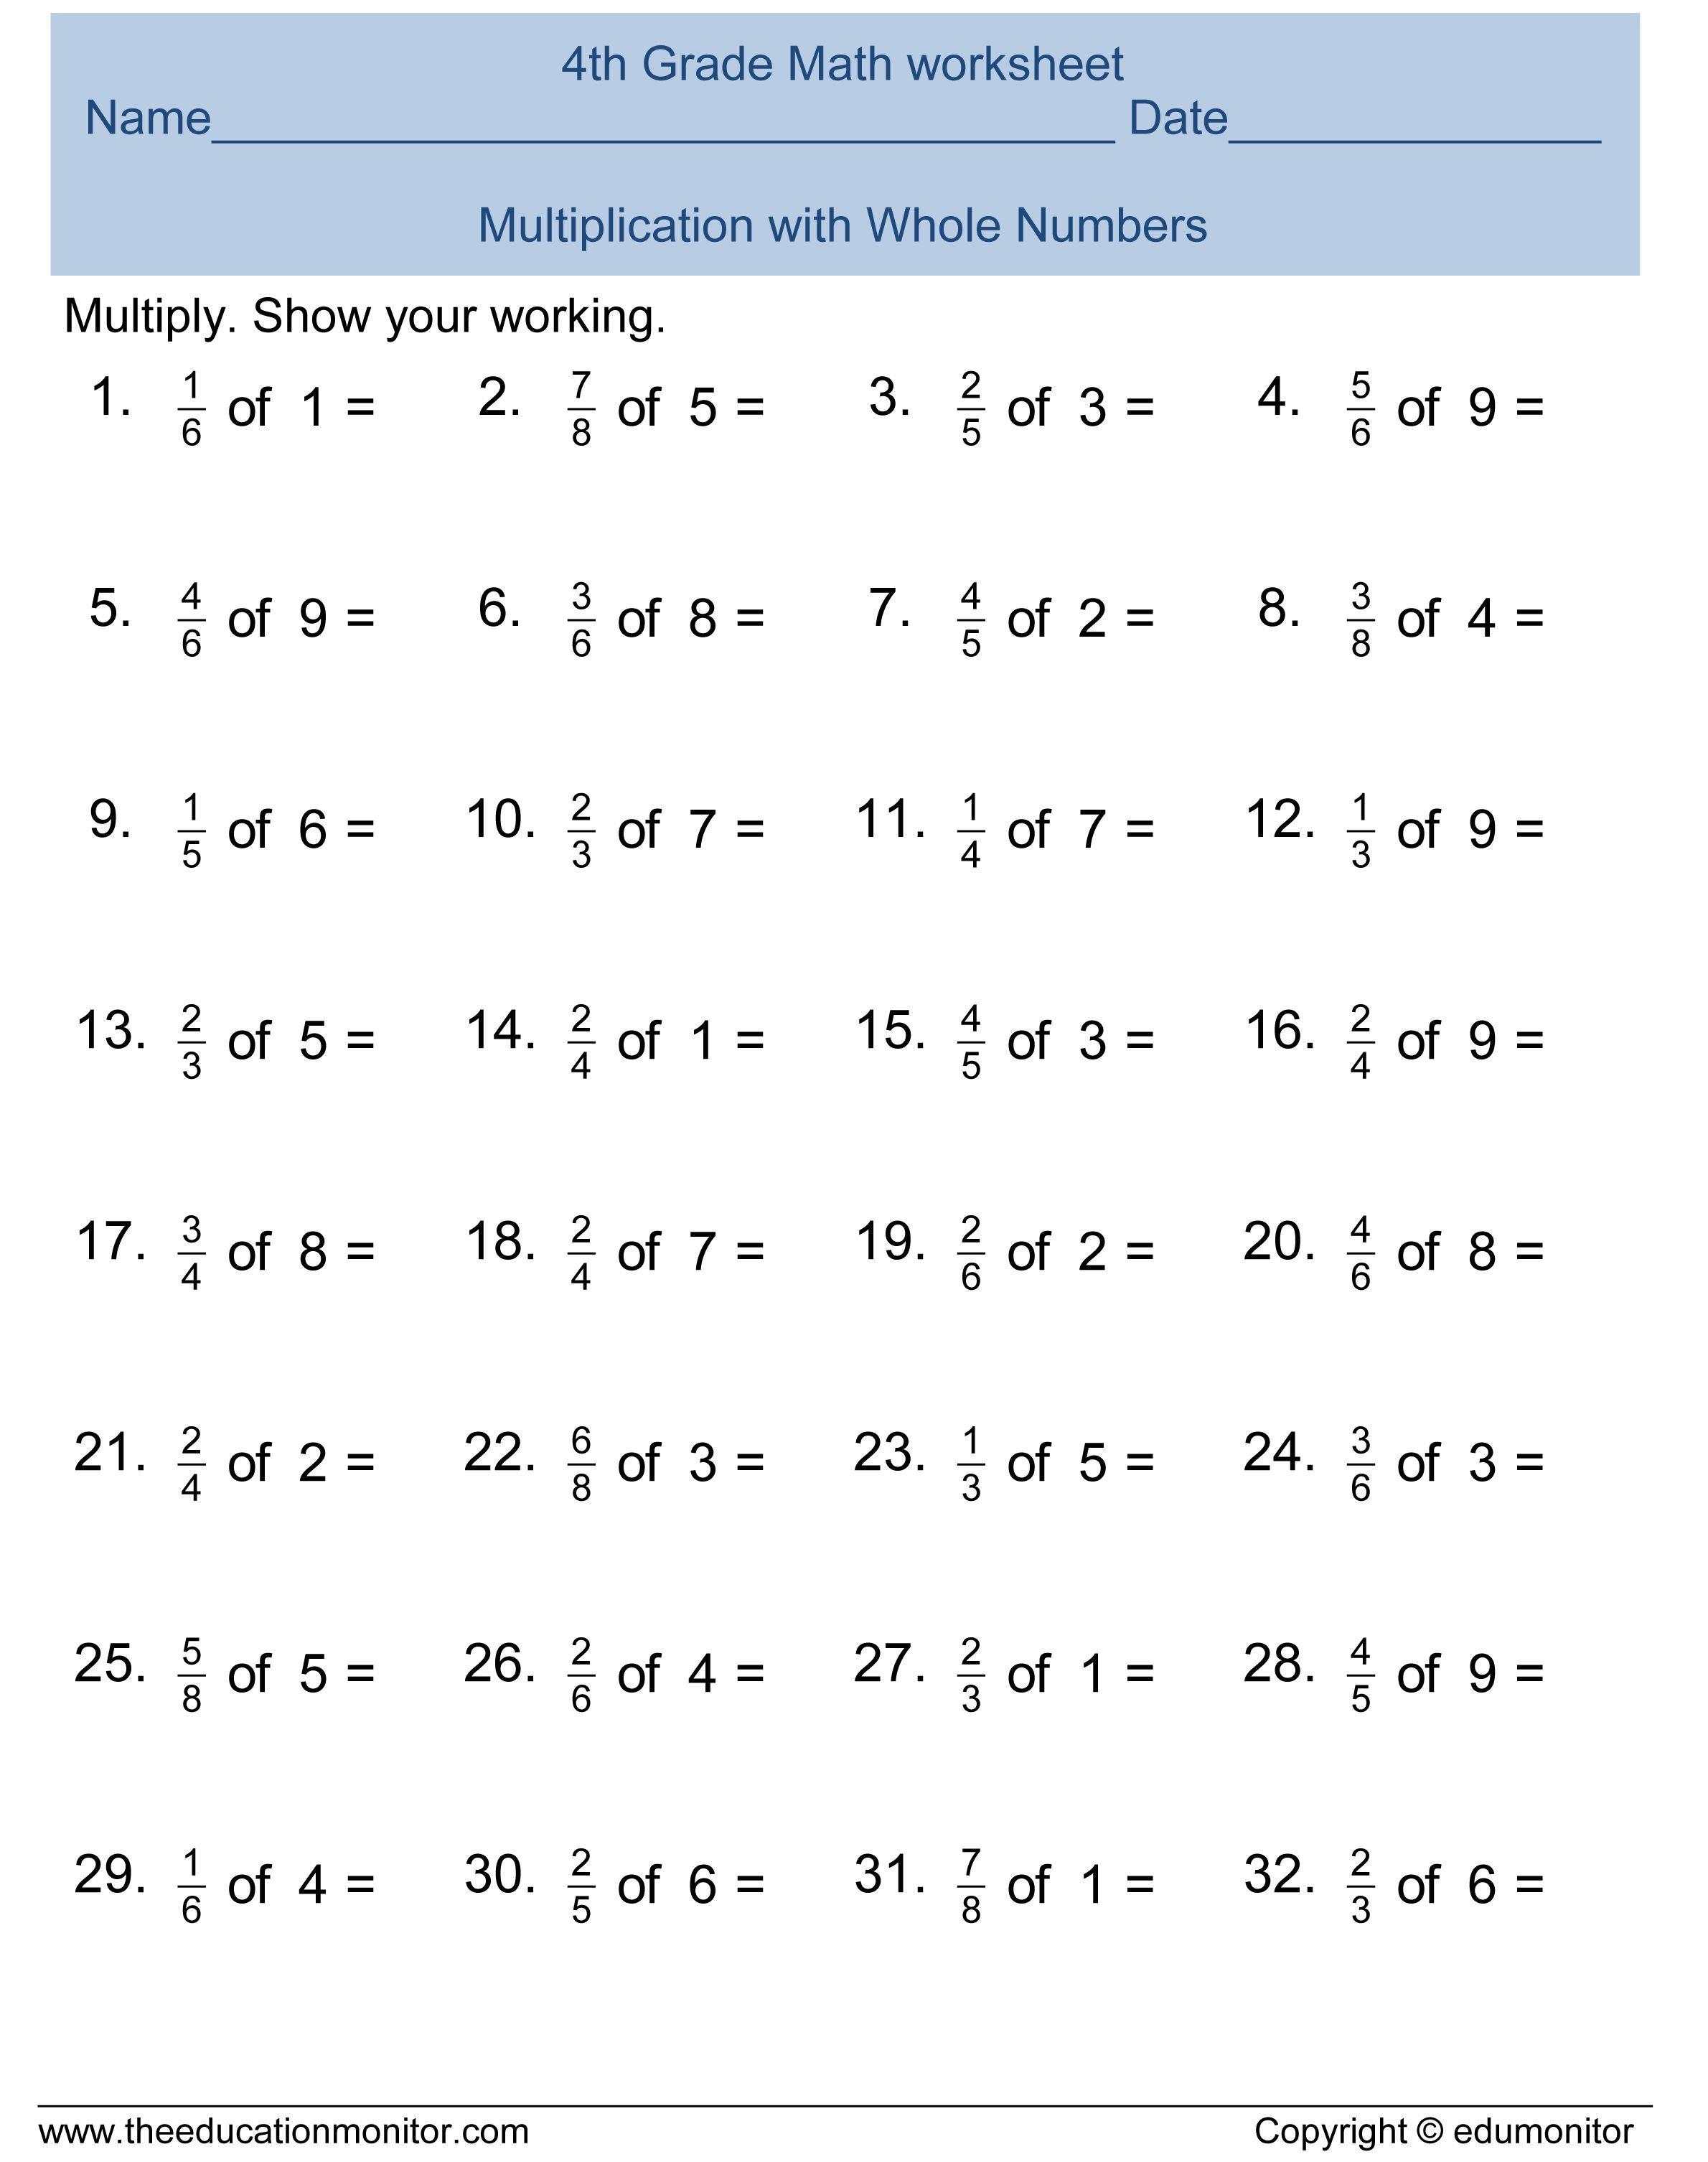 Image Result For Fractions Worksheets Grade 4